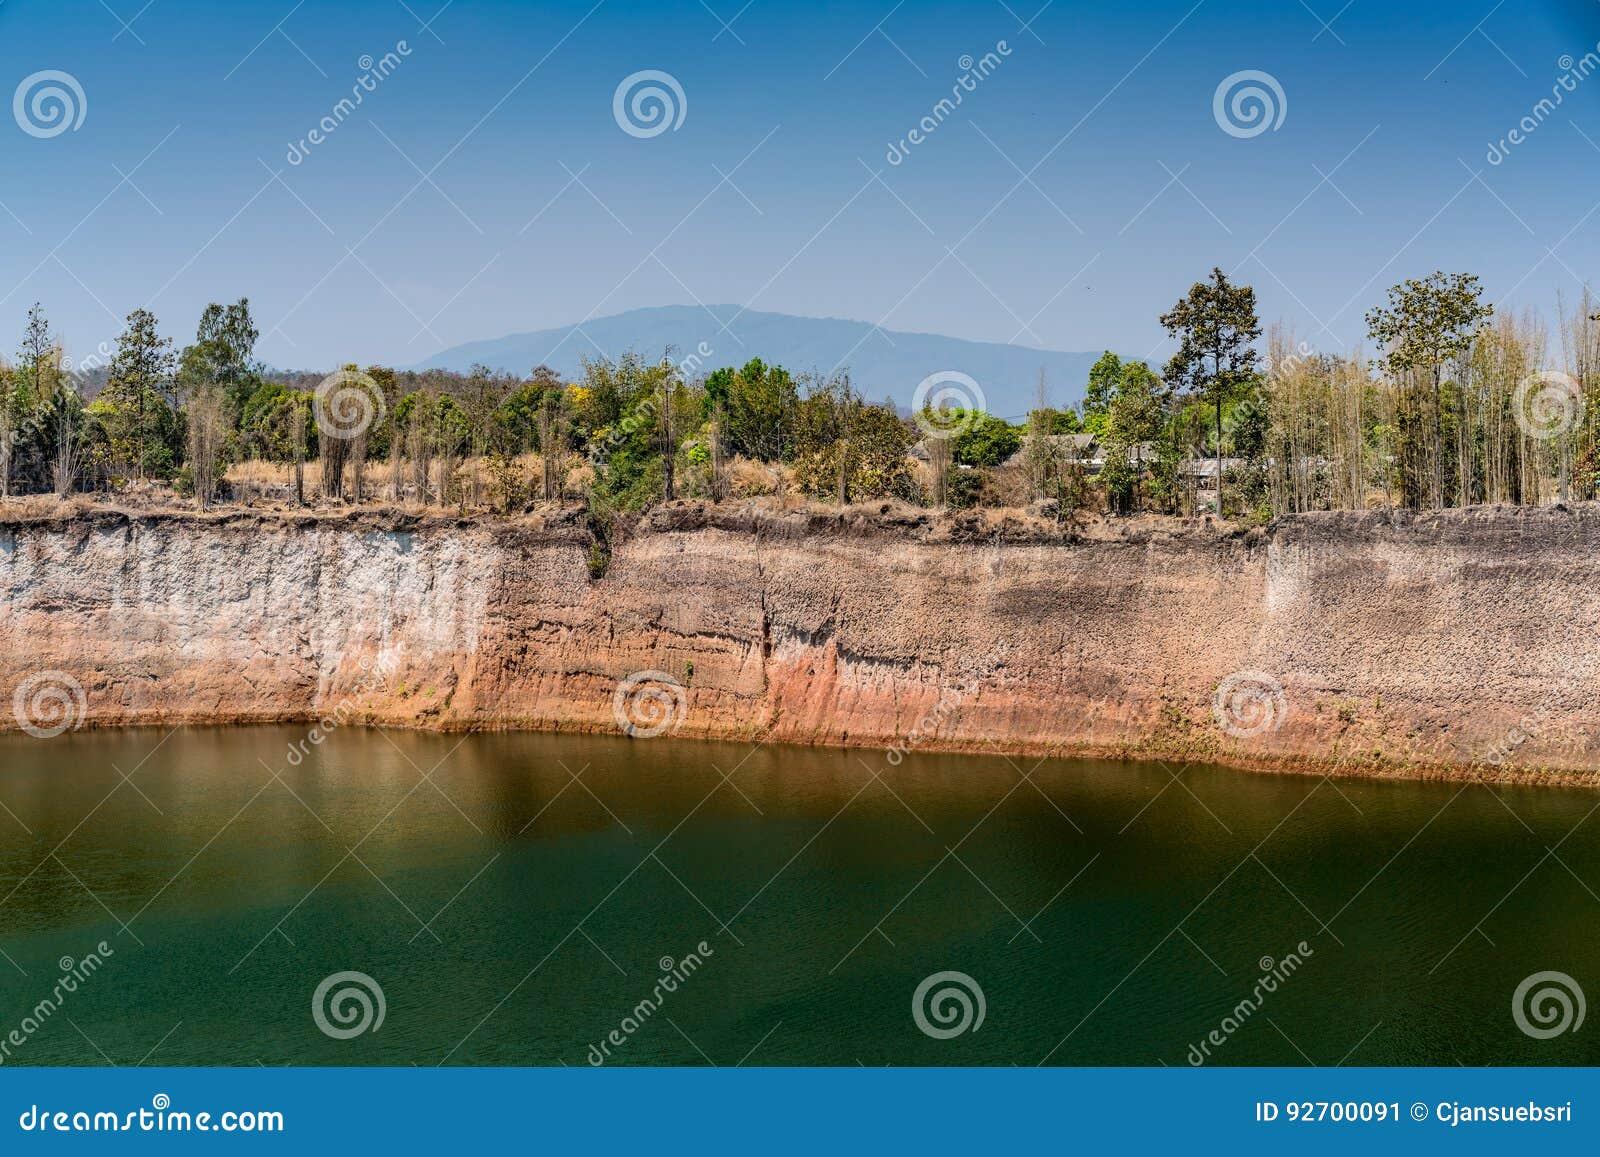 Lago verde no fundo do céu azul